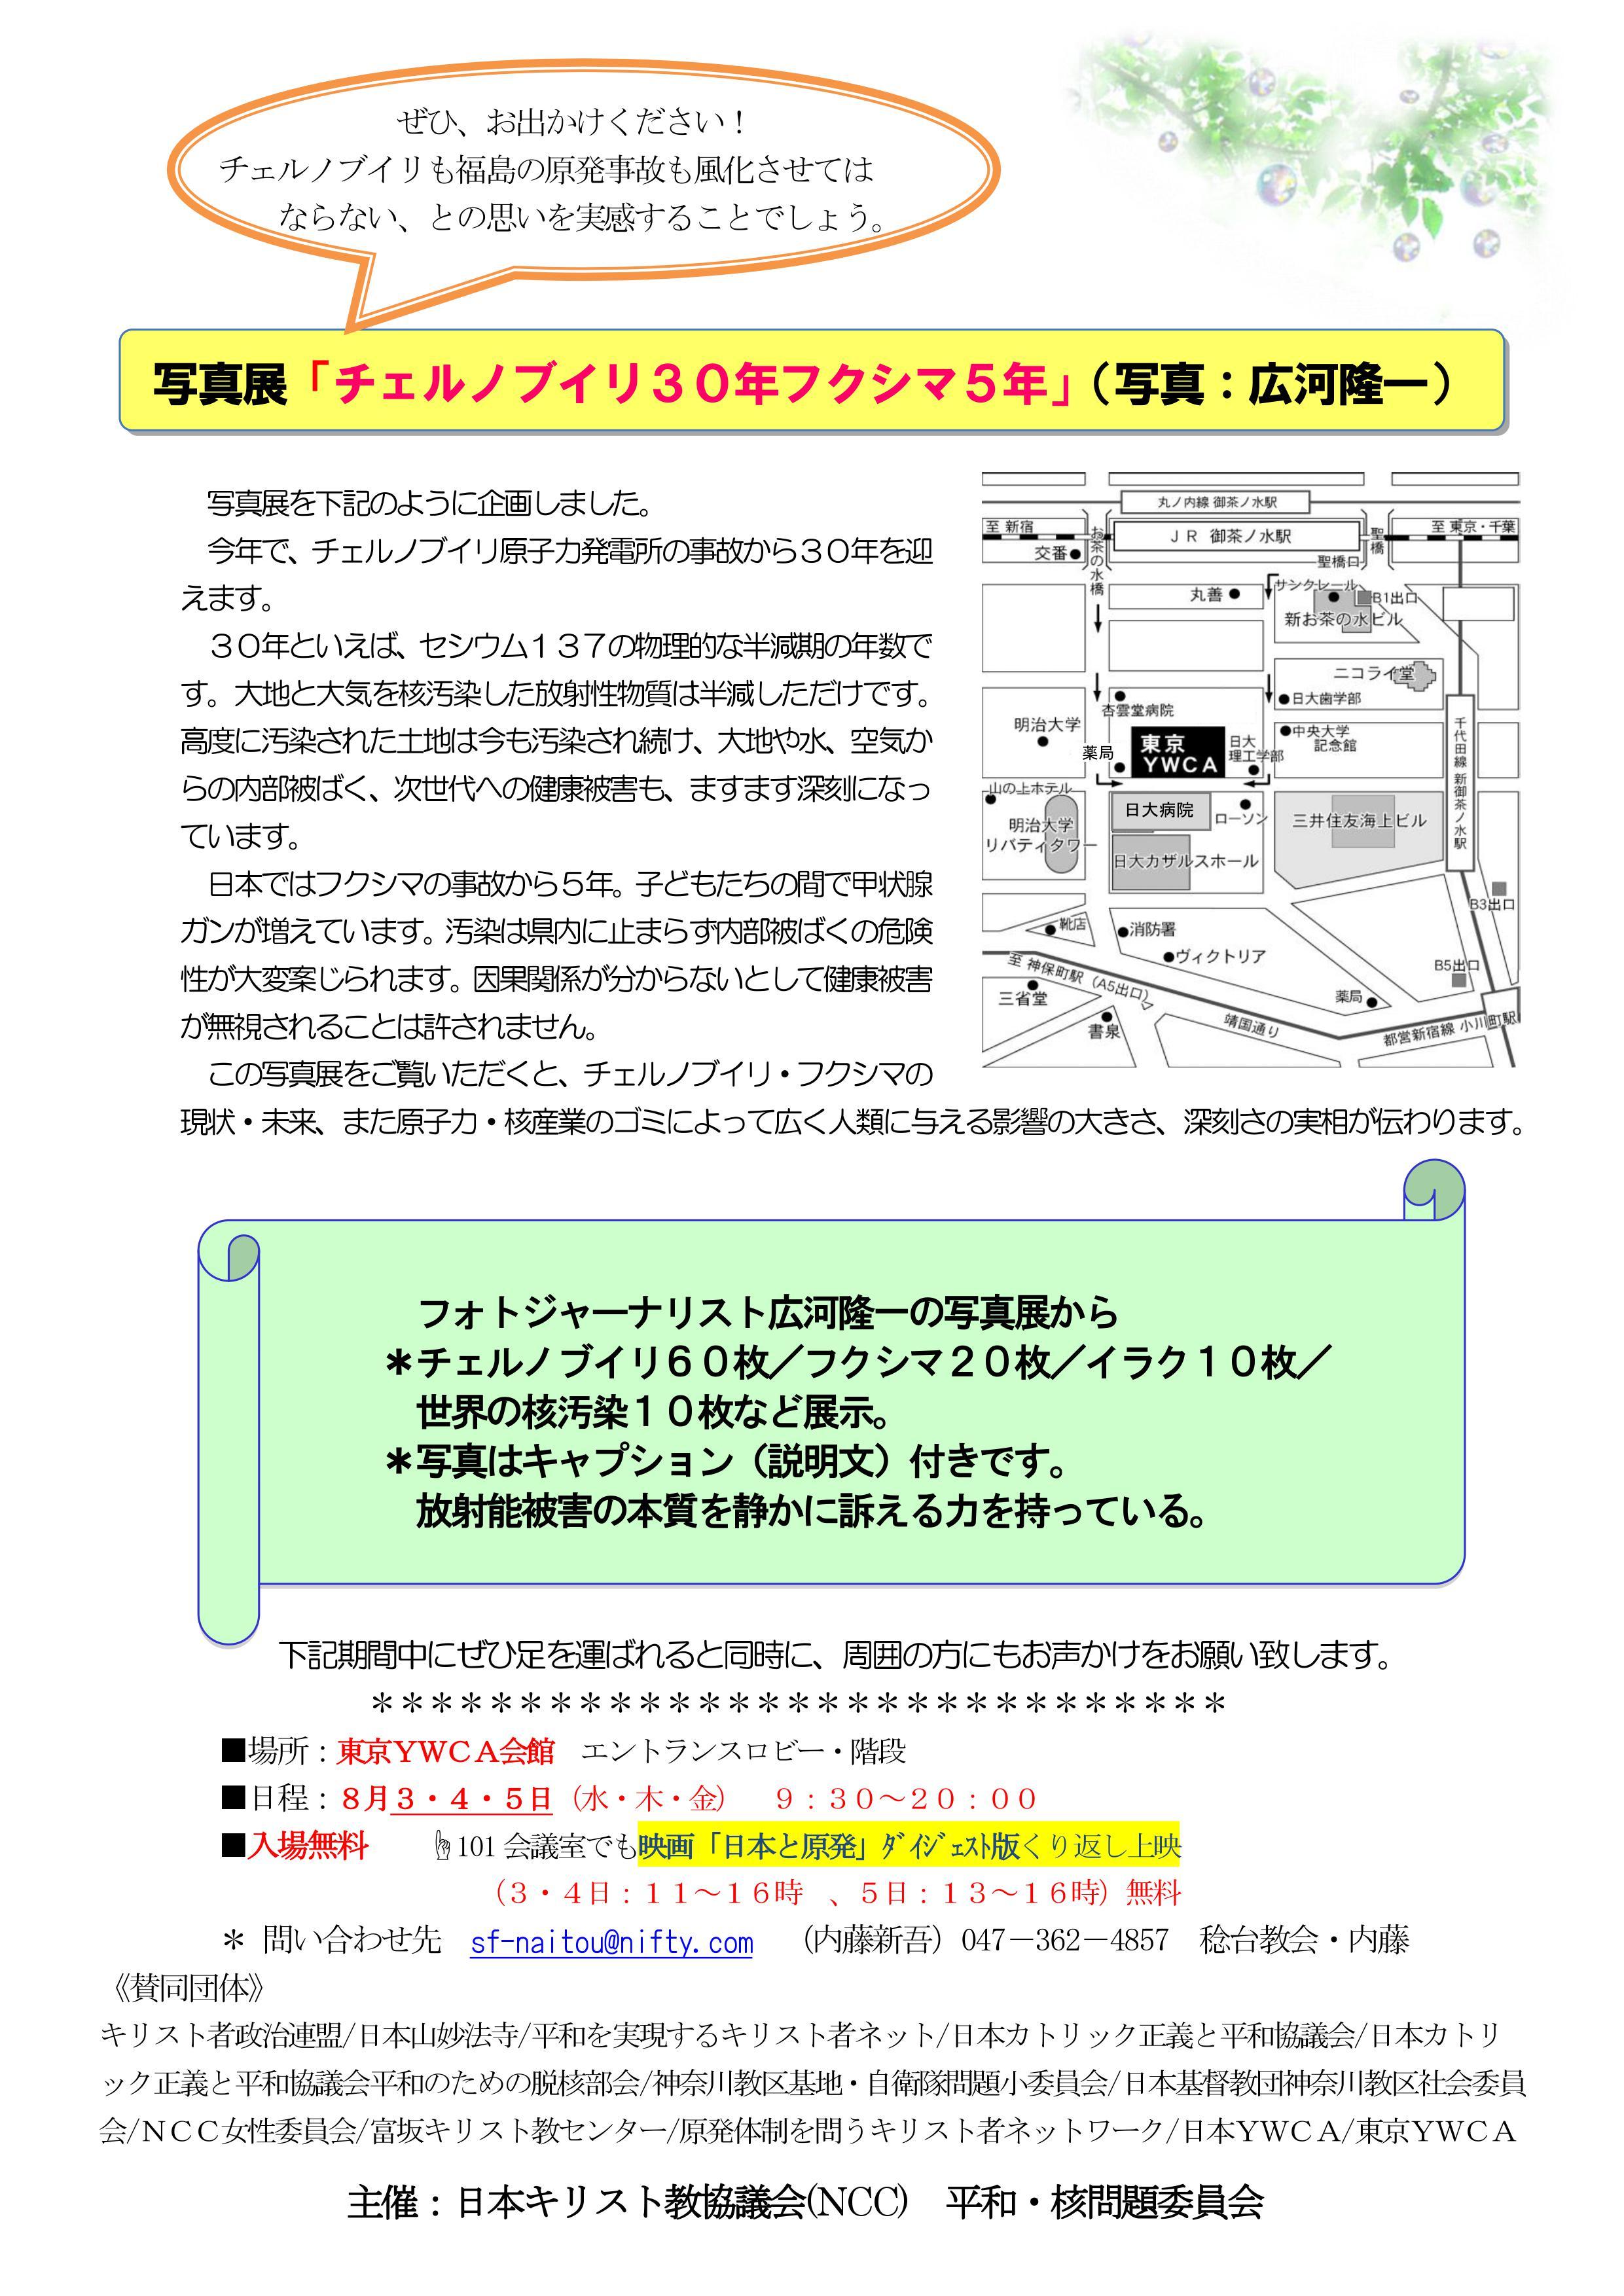 日本キリスト教協議会(NCC)平和・核問題委員会が8月3日から5日まで東京YWCA会館で開く写真展「チェルノブイリ30年フクシマ5年」のチラシ